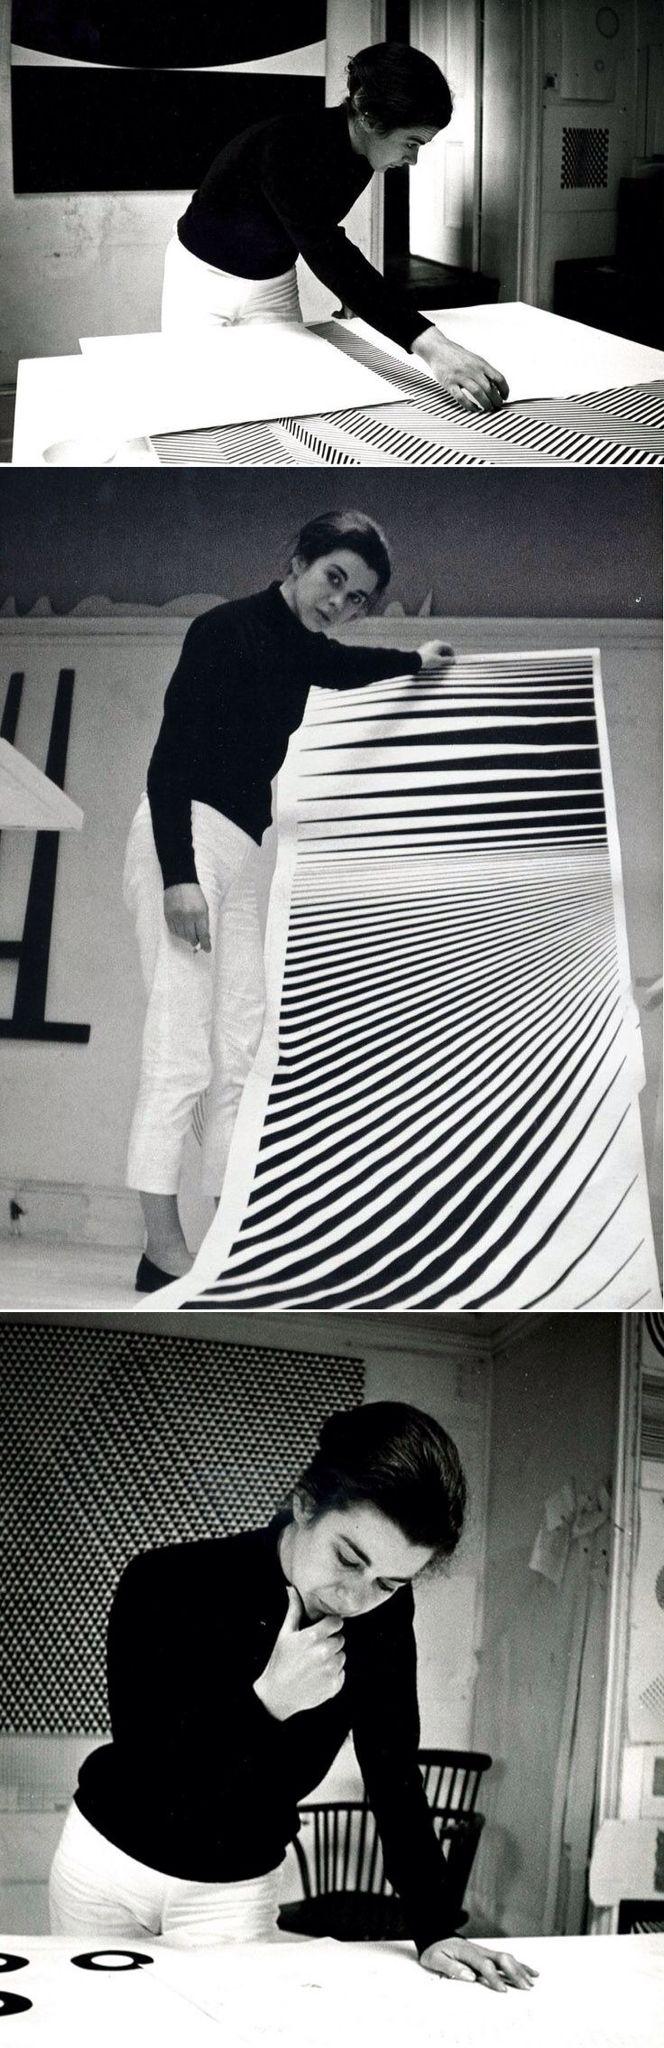 """Bridget Riley - artista de """"OP ART"""" (Optical Art). As suas obras serviram de inspiração à moda."""